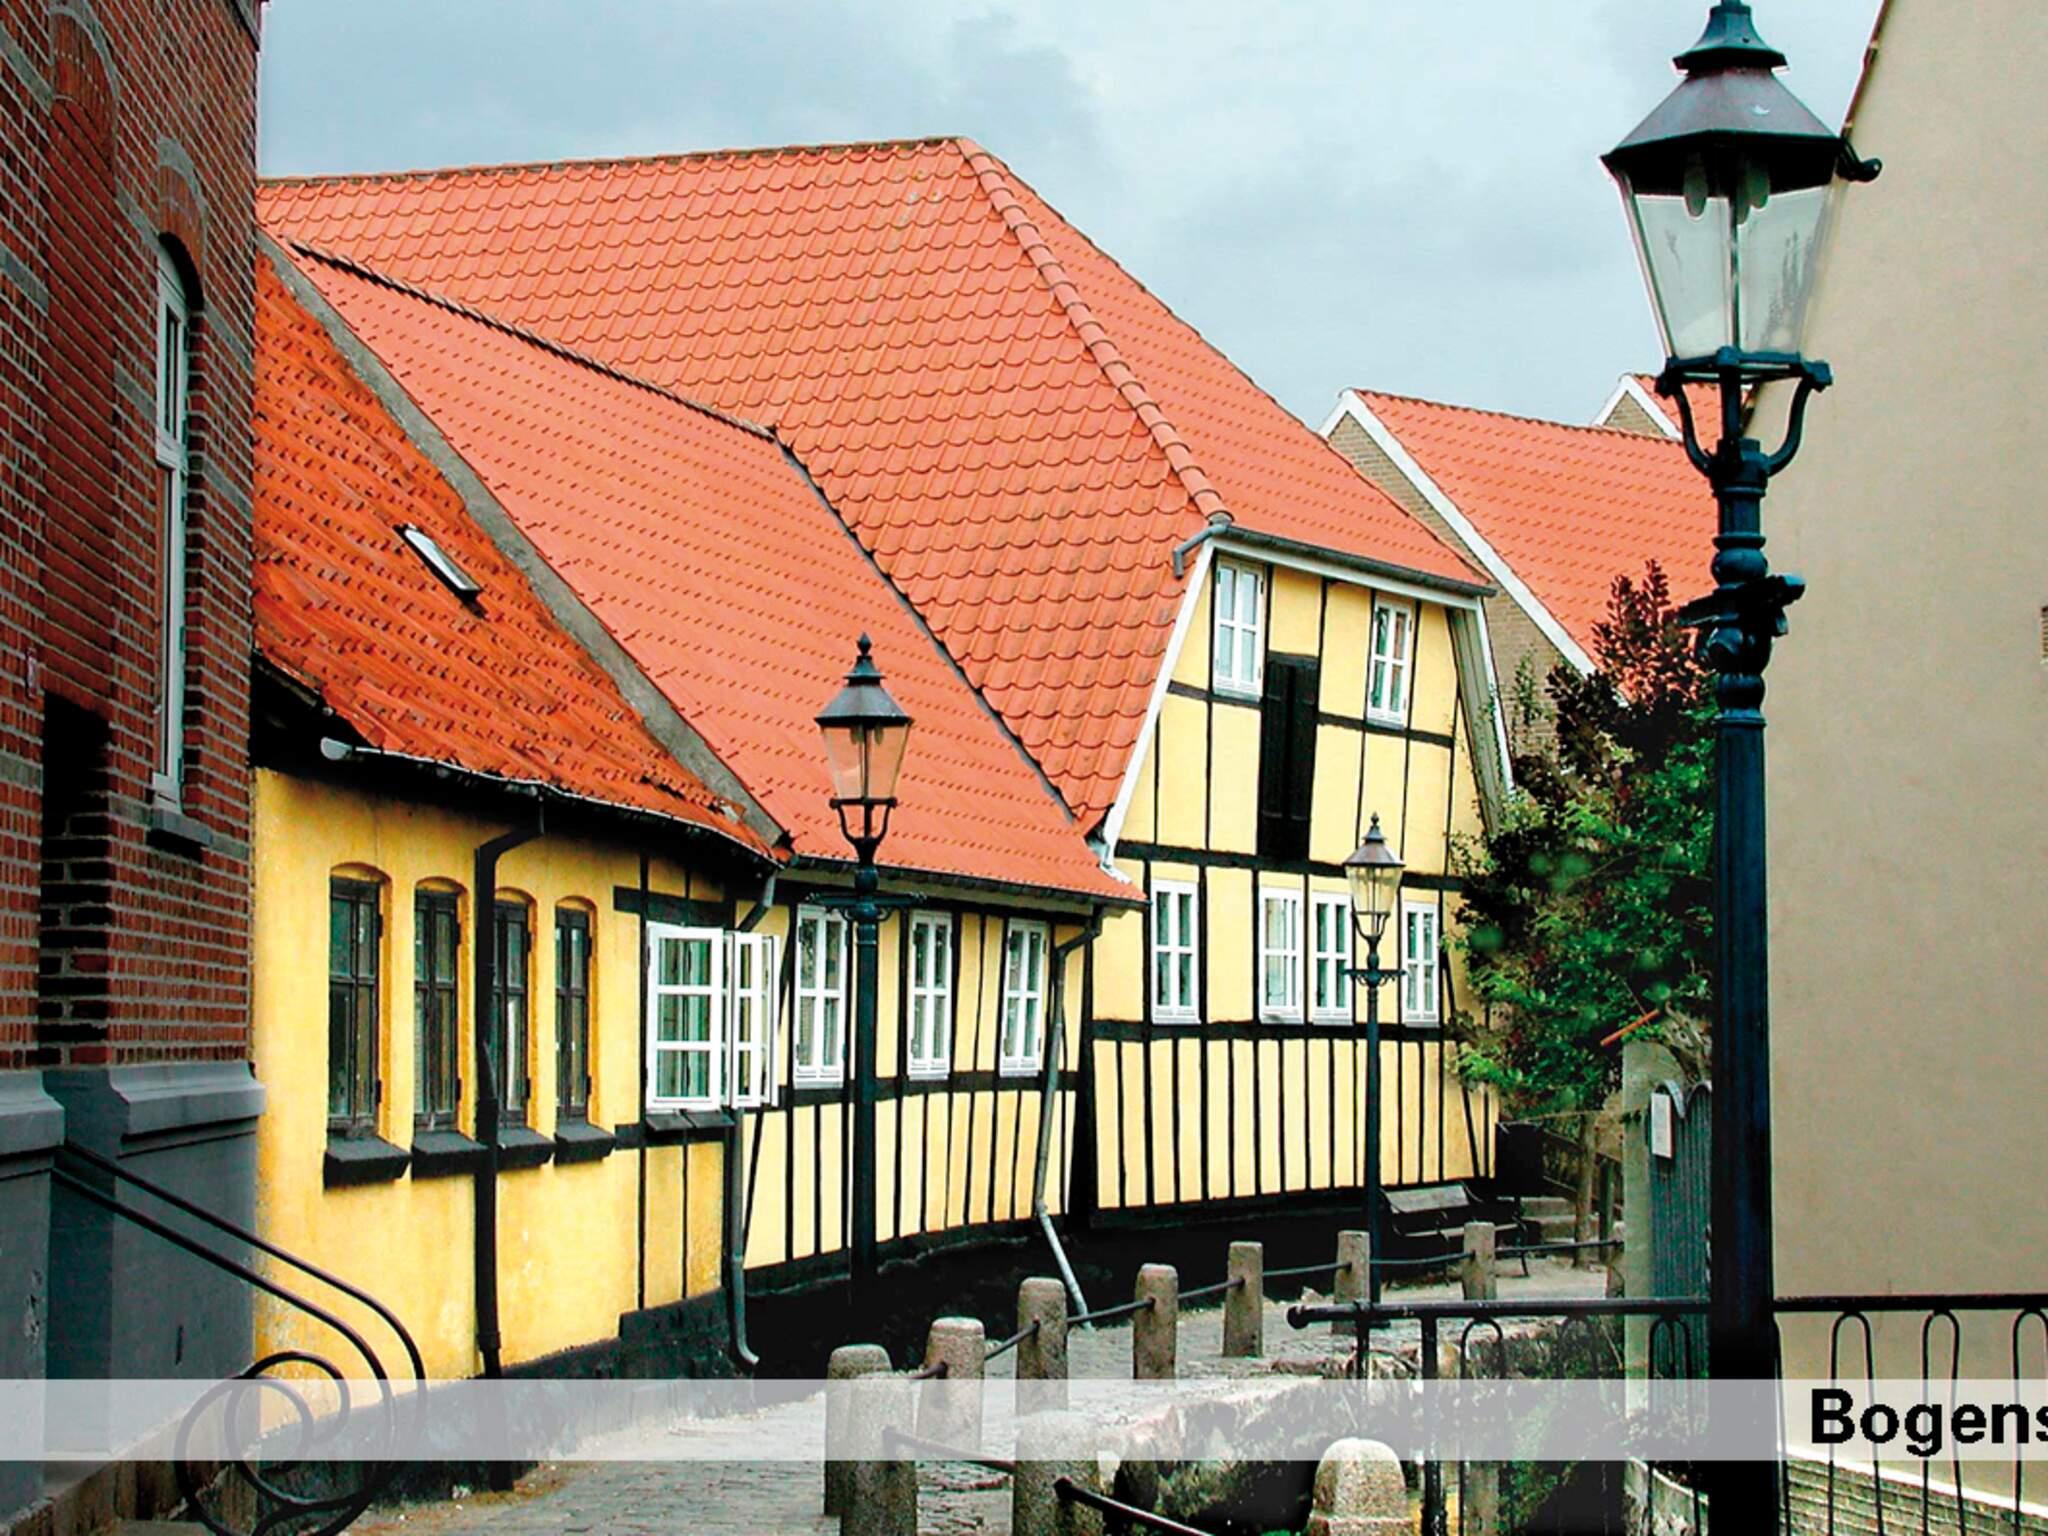 Appartement de vacances Bogense - Typ 3 - 4½ Zimmer,1.und 2.Stock (1086483), Bogense, , Fionie, Danemark, image 15